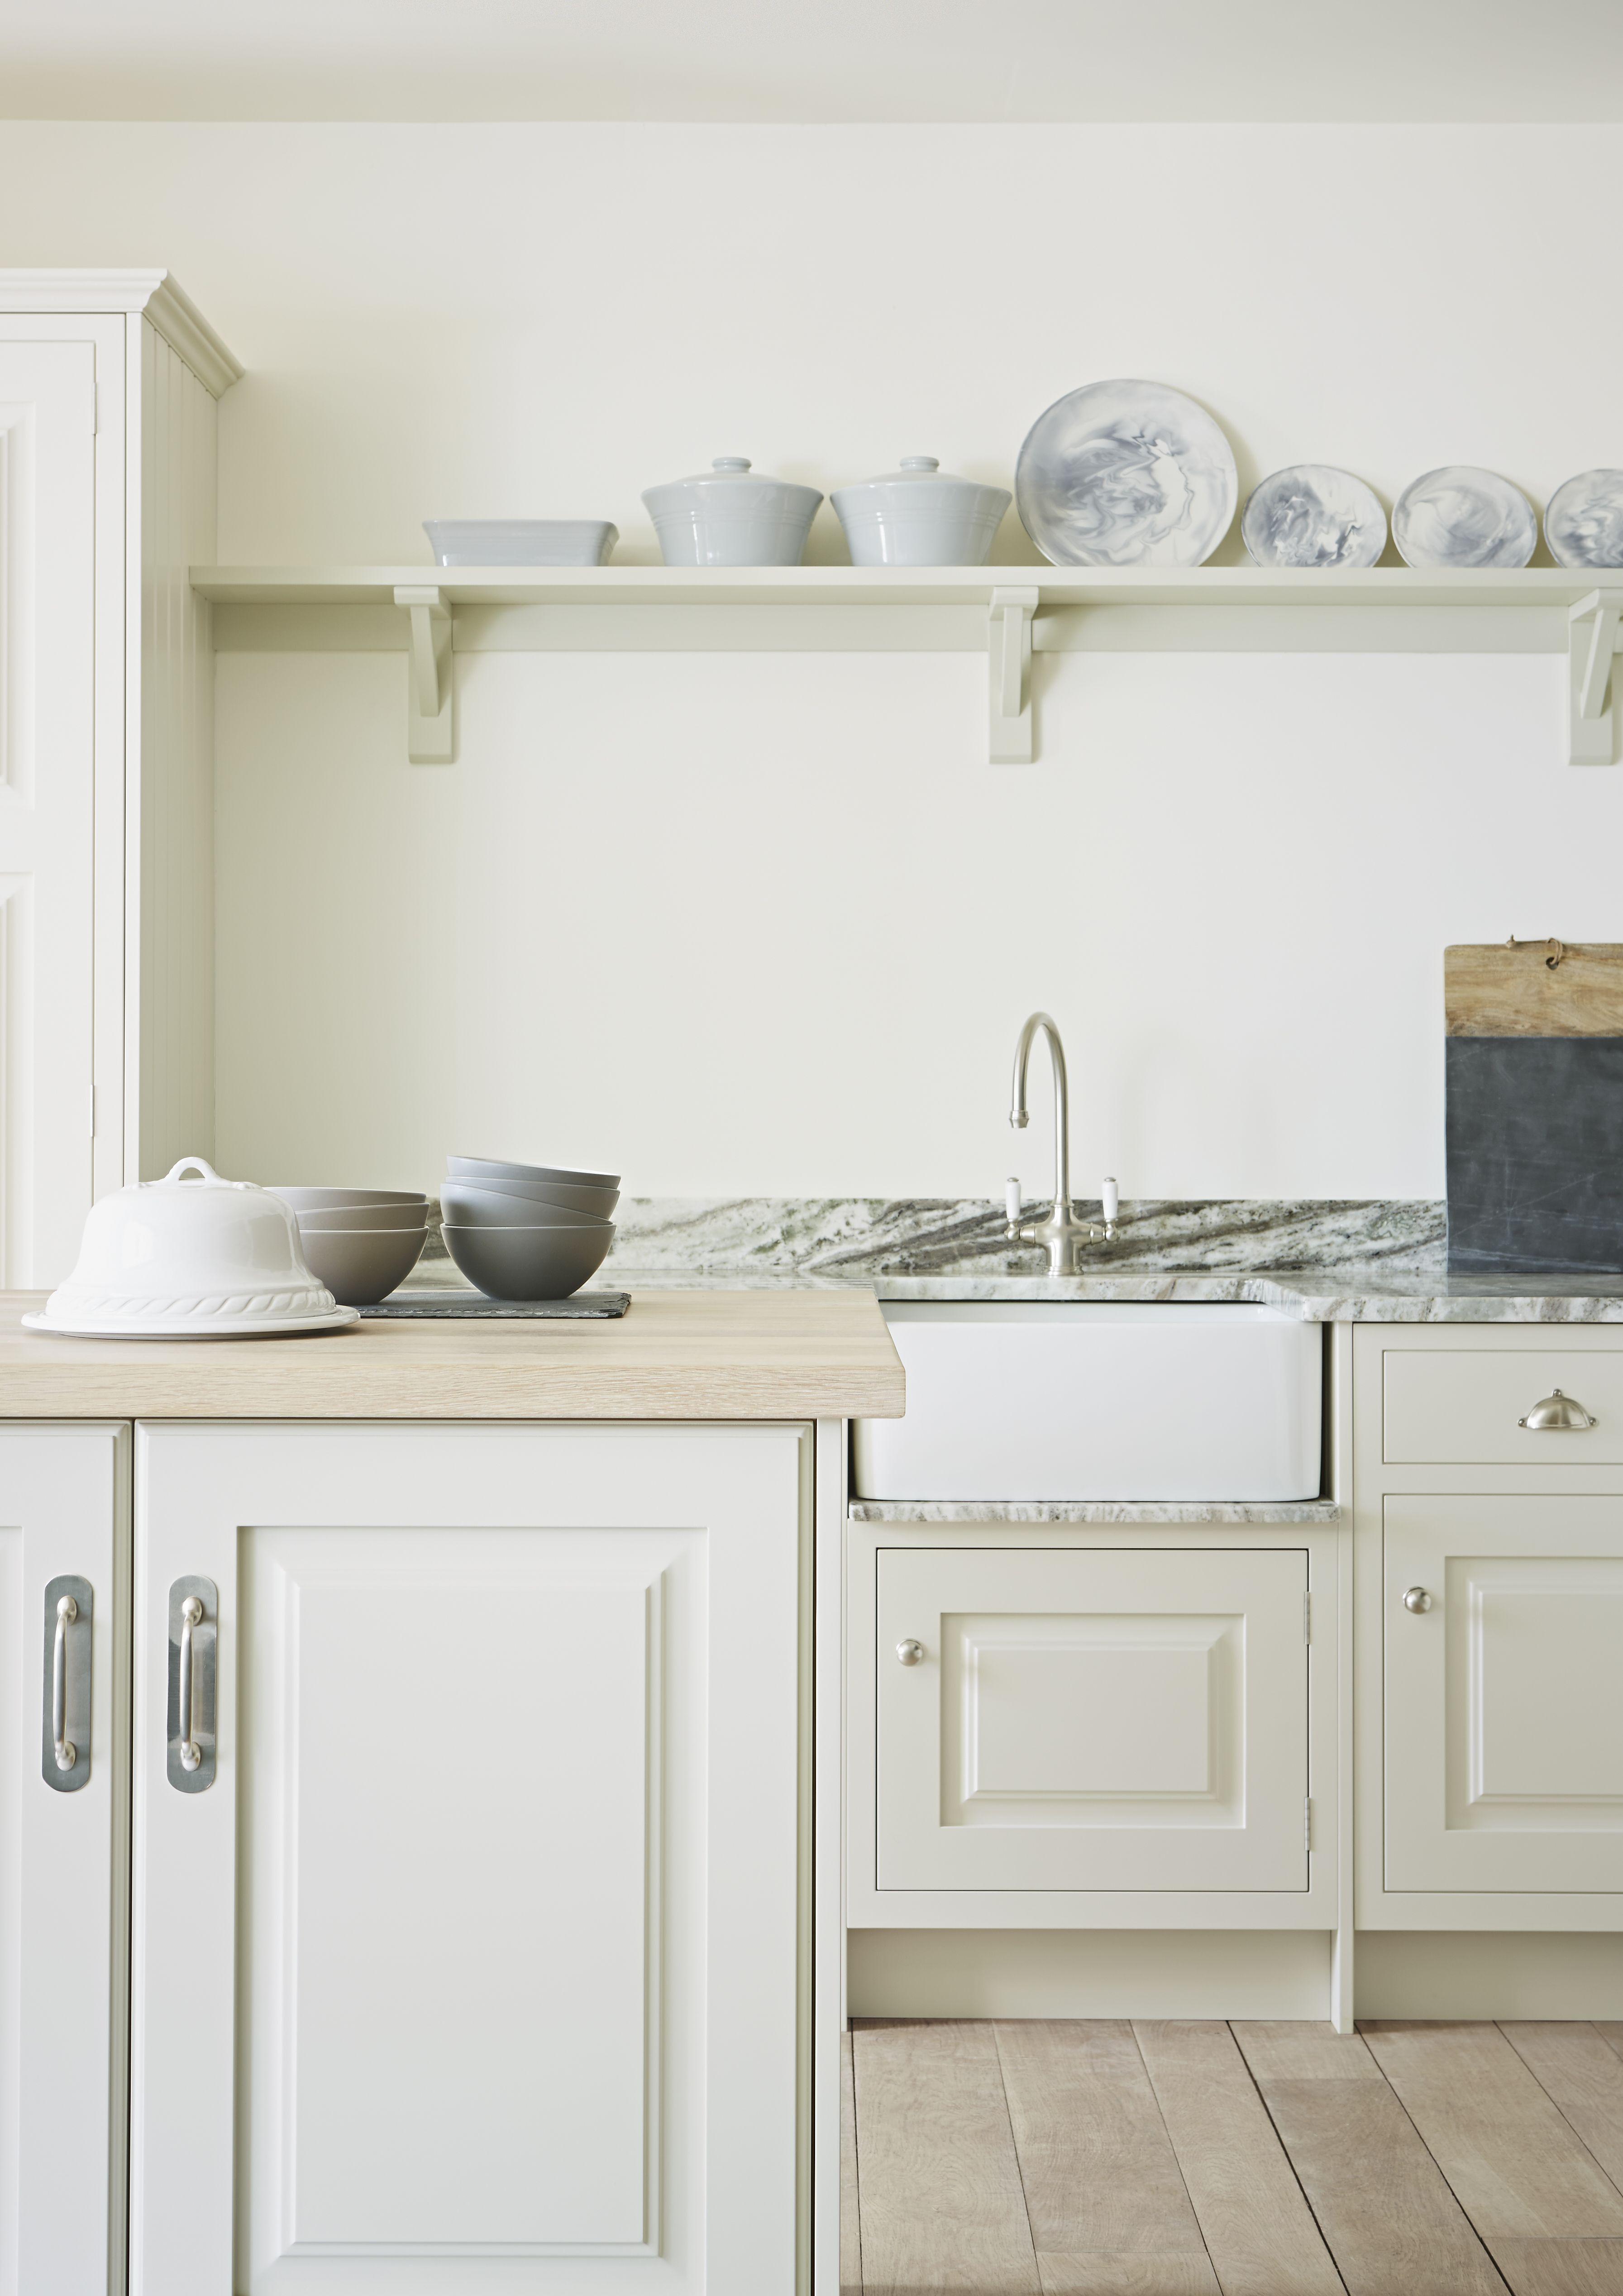 Scandi style - Artisan kitchen from John Lewis of Hungerford. https ...